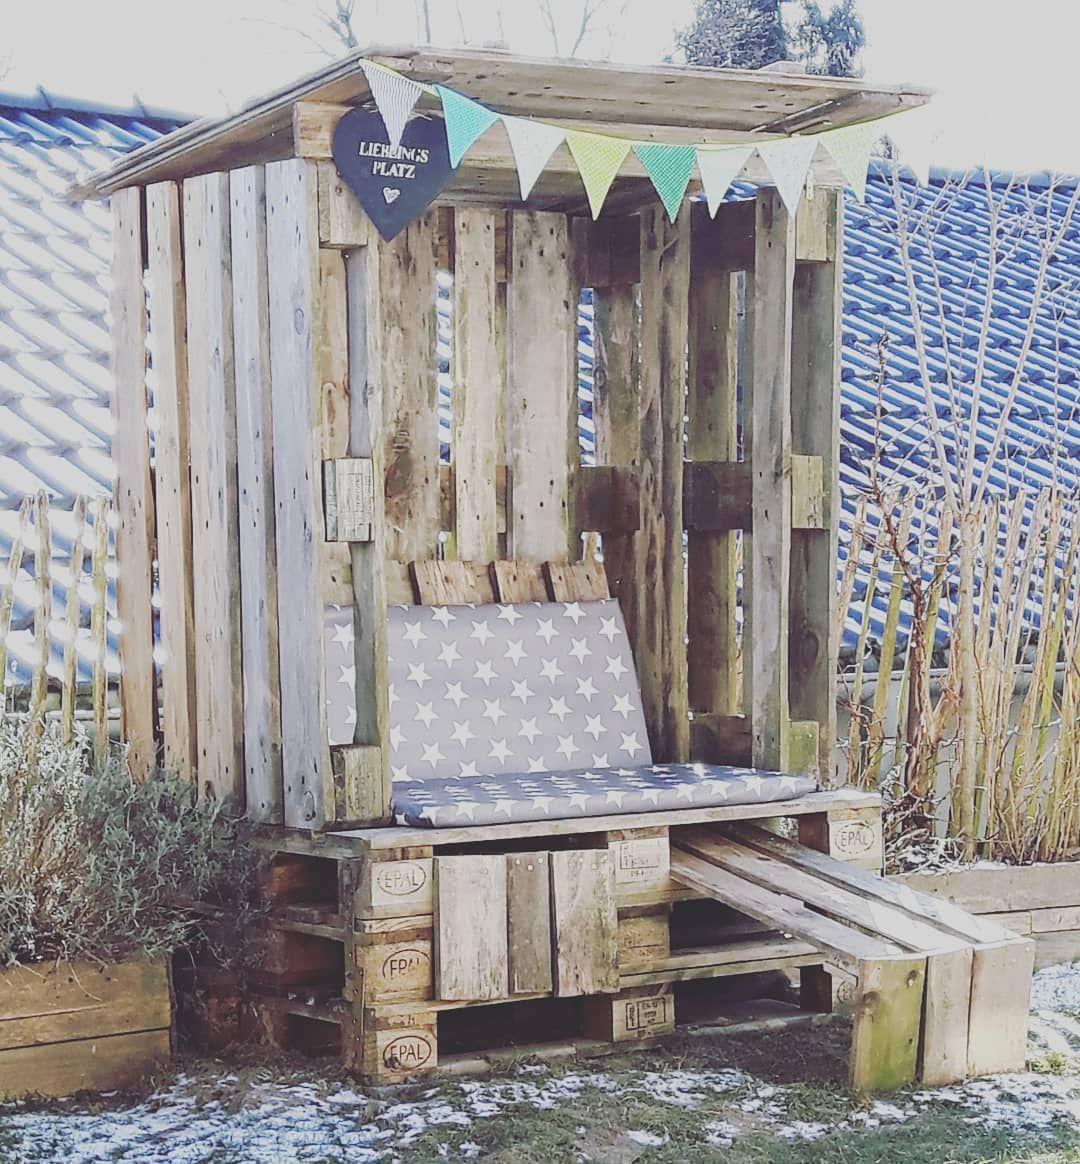 Kinderhaus Artgerecht Wirwartenaufdenfruhling Diy Garten Garden Strandkorb Palettensindsuper Palettenmobel Out Garden Design Layout Backyard Diy Lawn